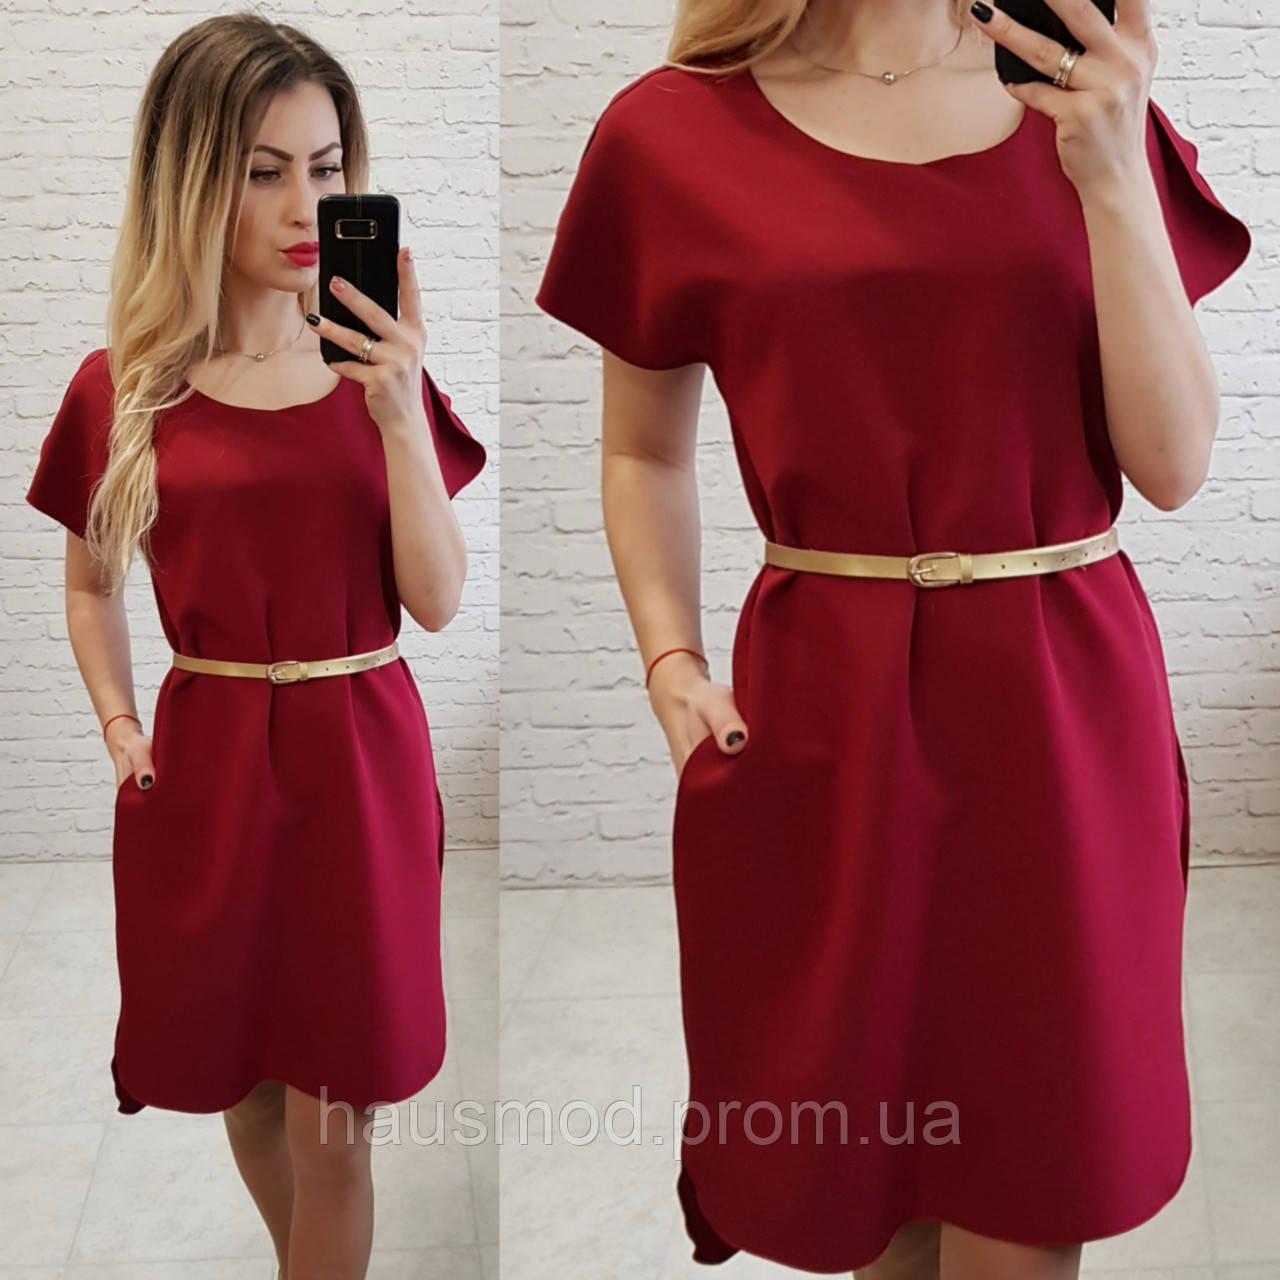 Женское платье карман пояс в комплекте цвет бордовый